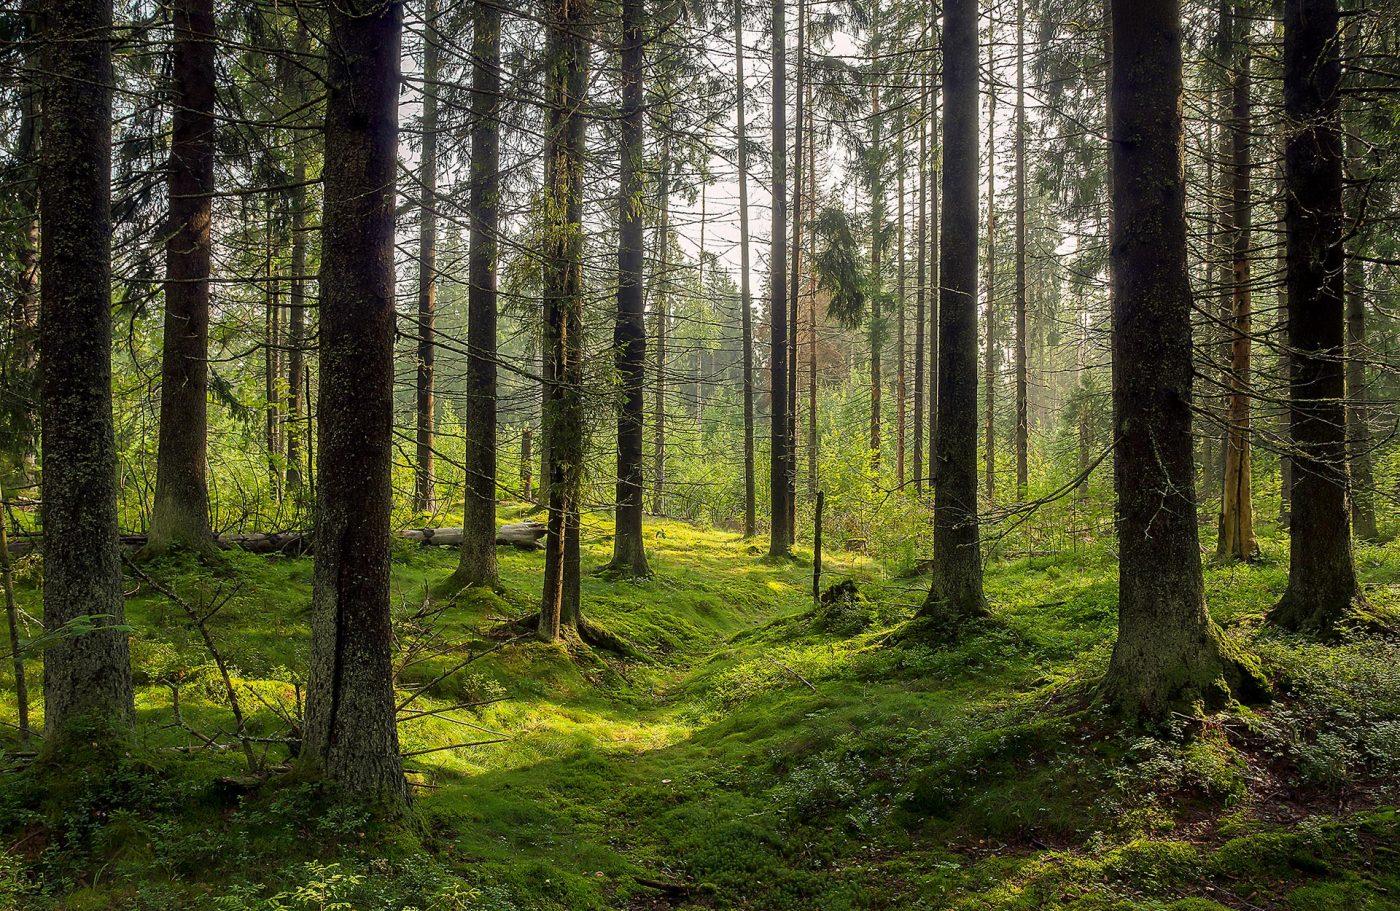 CESEFOR presentará las buenas prácticas de movilización sostenible de madera vistas en el proyecto ROSEWOOD